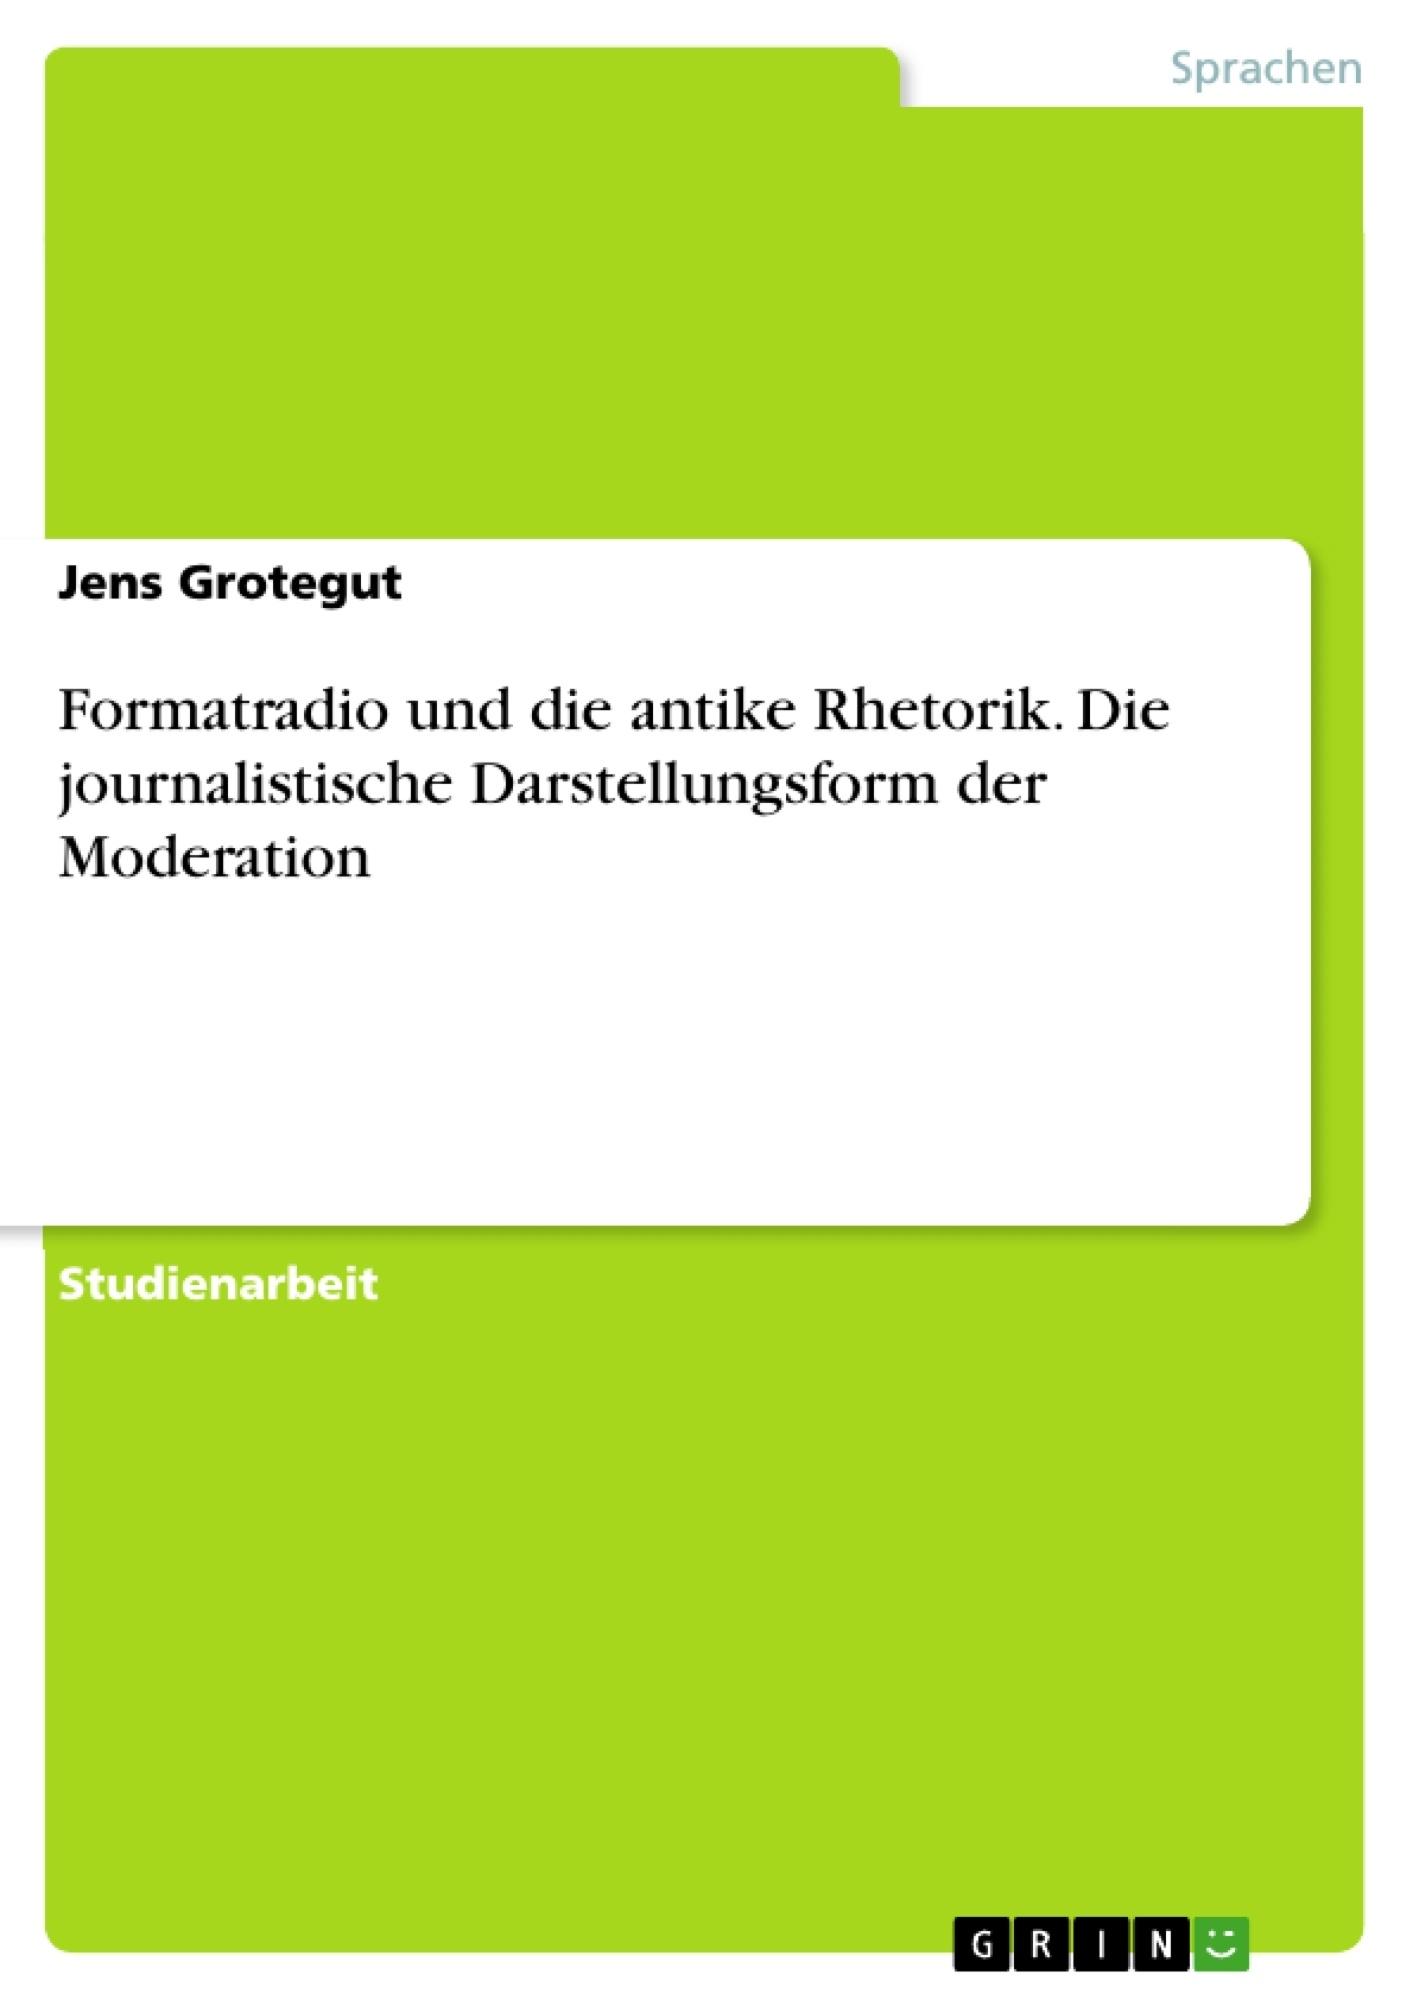 Titel: Formatradio und die antike Rhetorik. Die journalistische Darstellungsform der Moderation